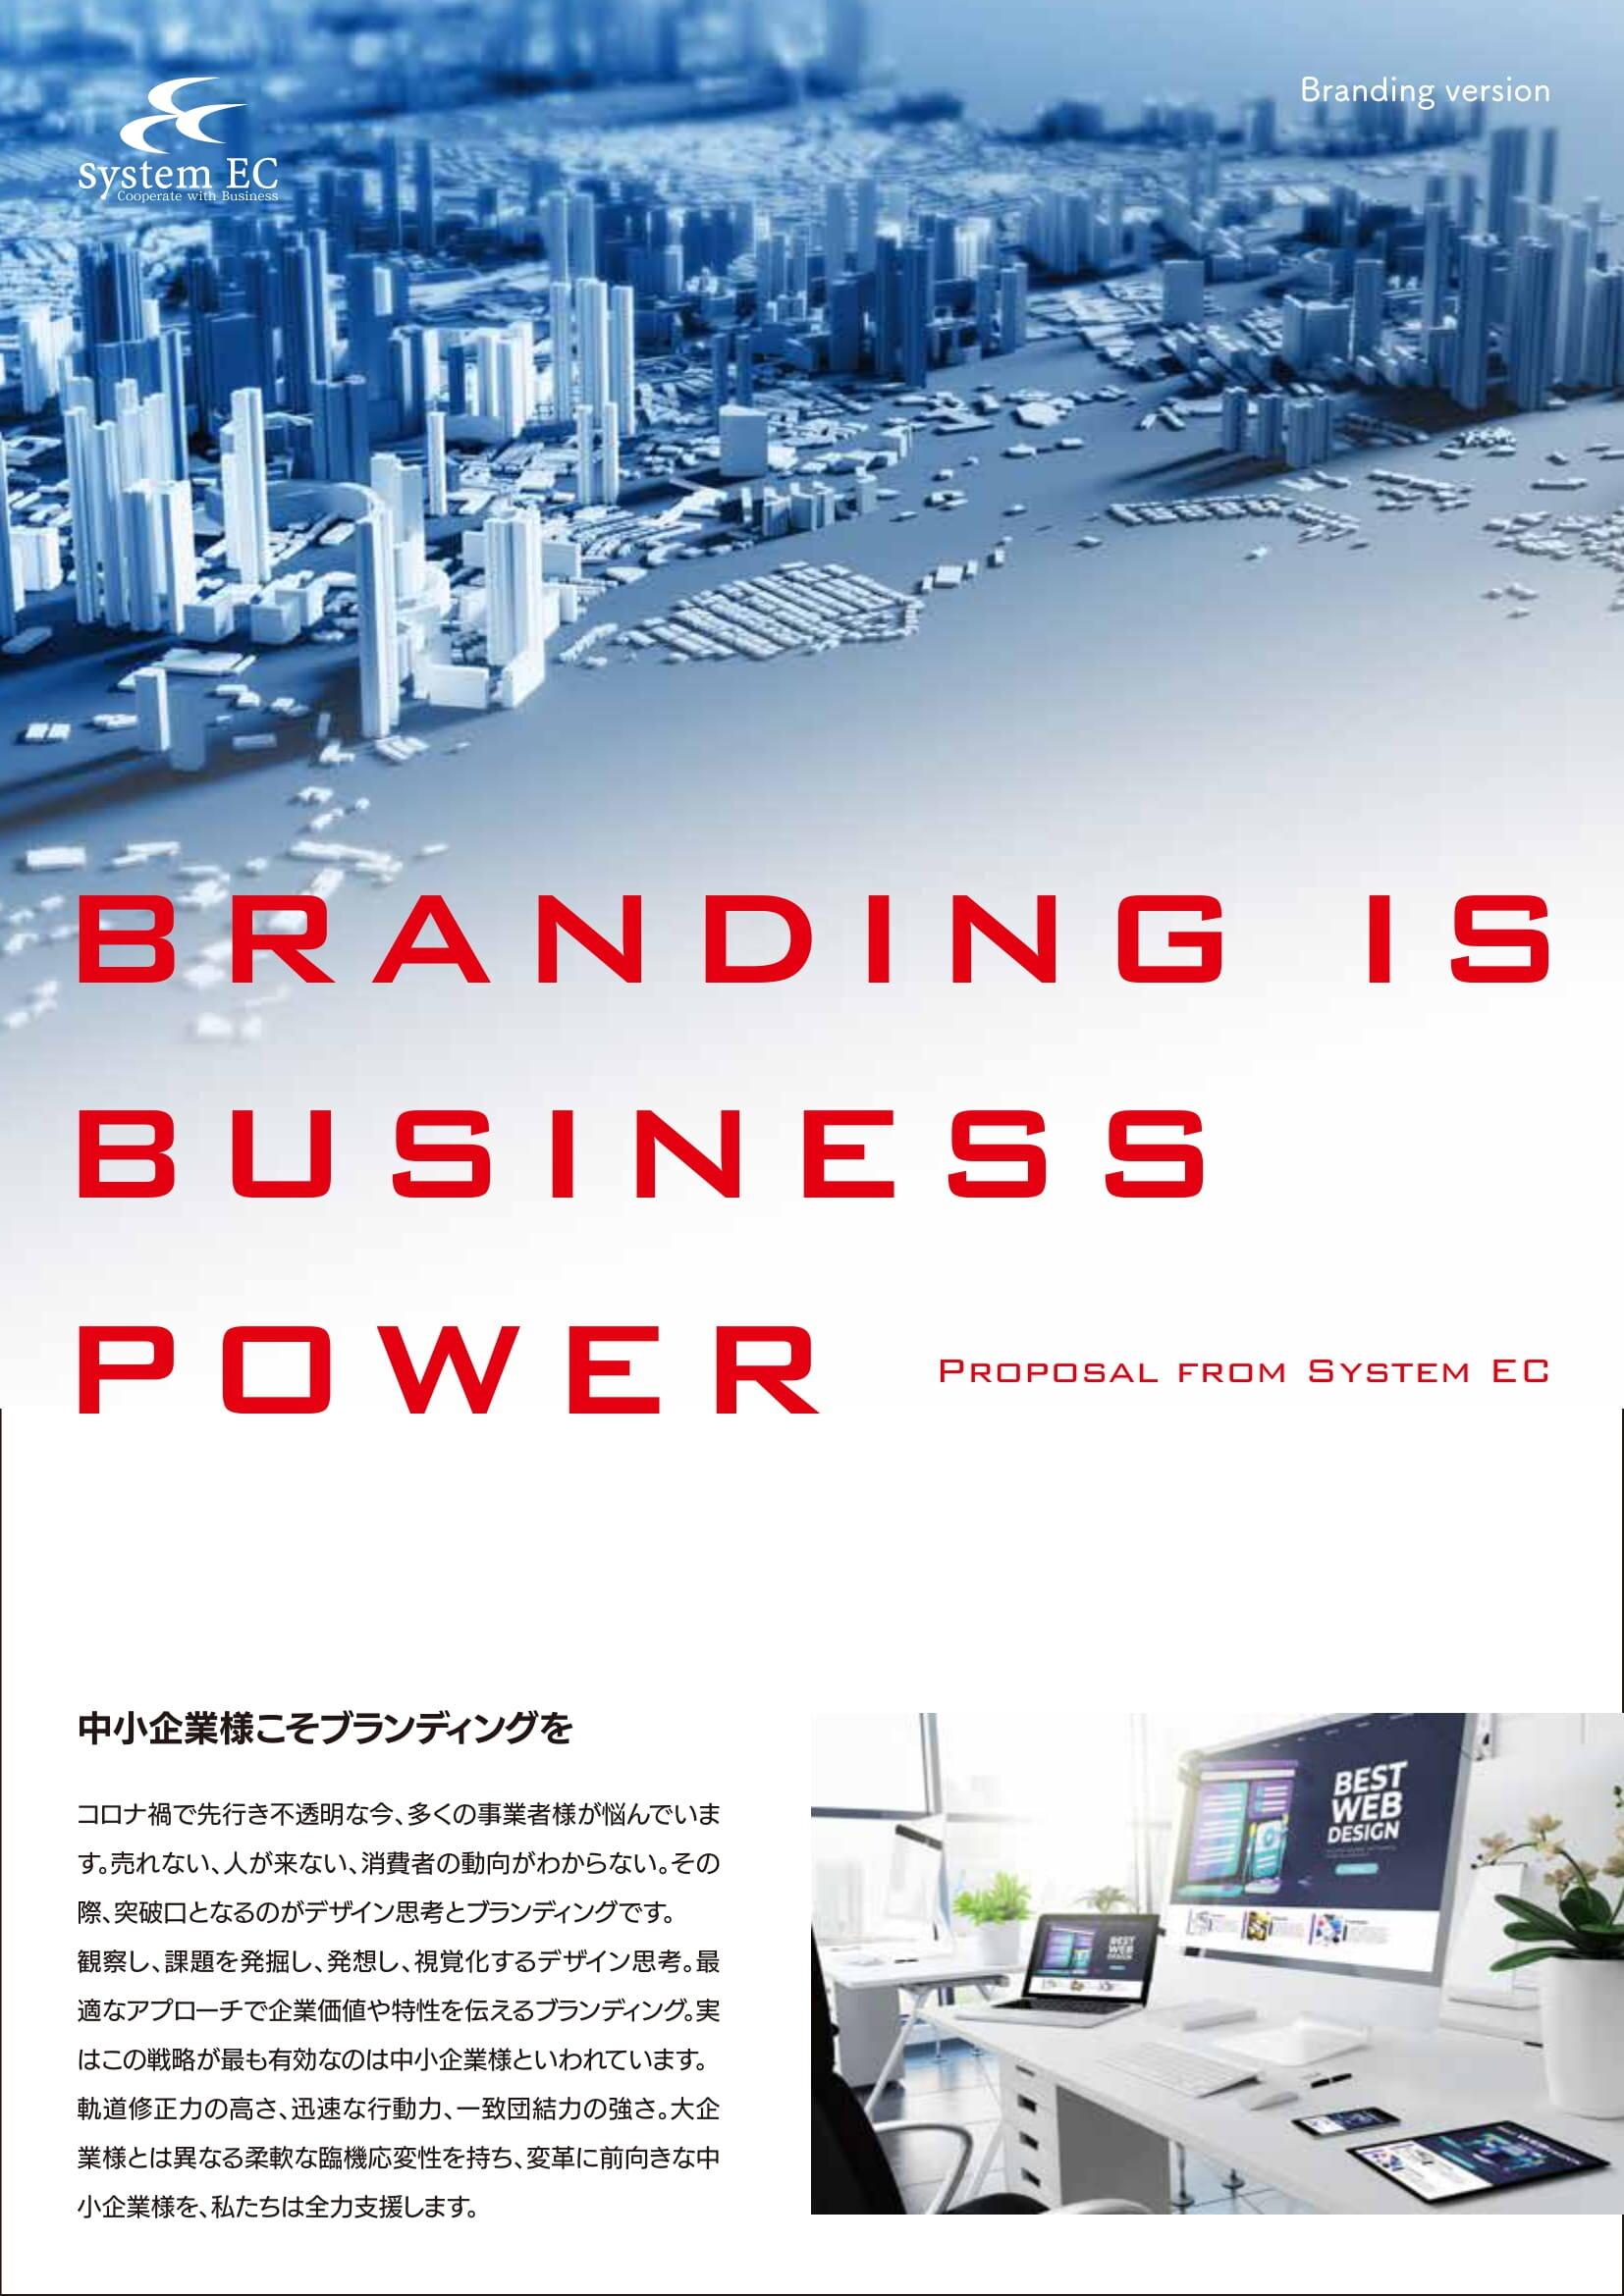 branding_flyer-1.jpg